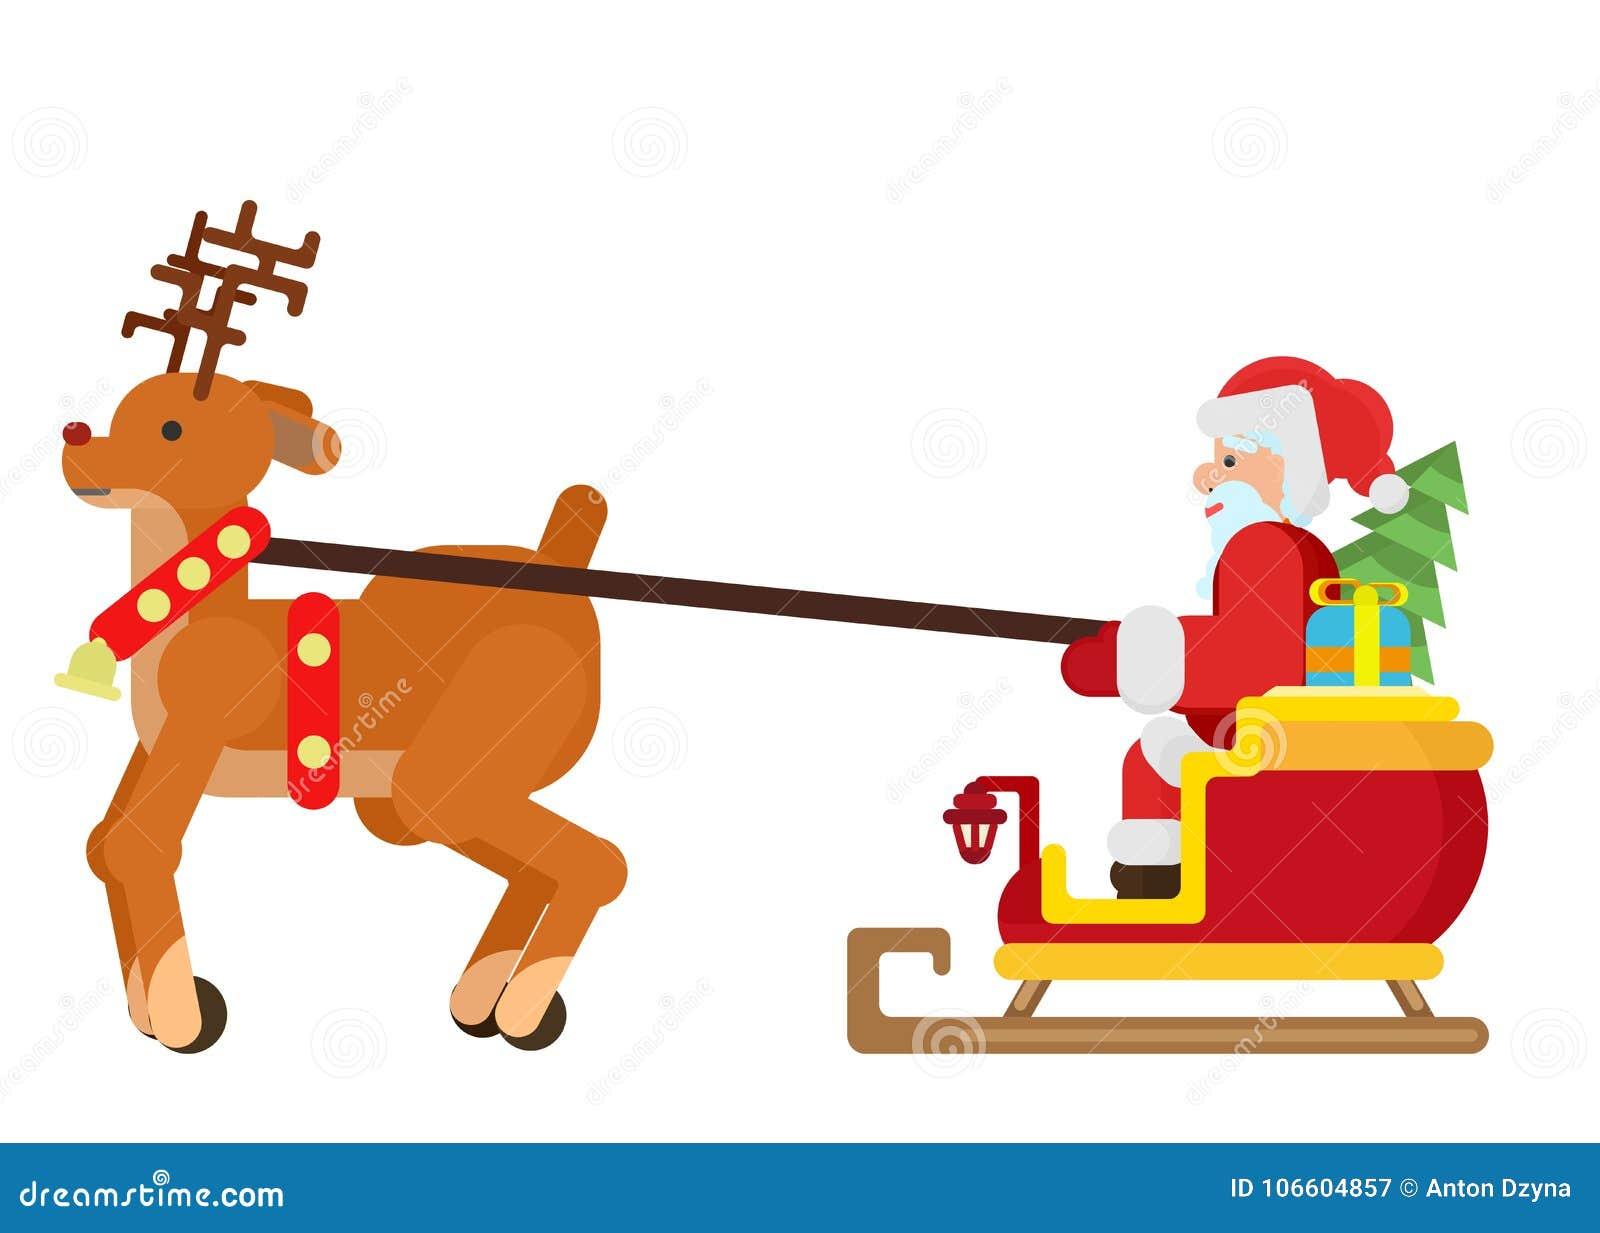 Uma rena conduz um trenó com Santa Claus e uma árvore de Natal